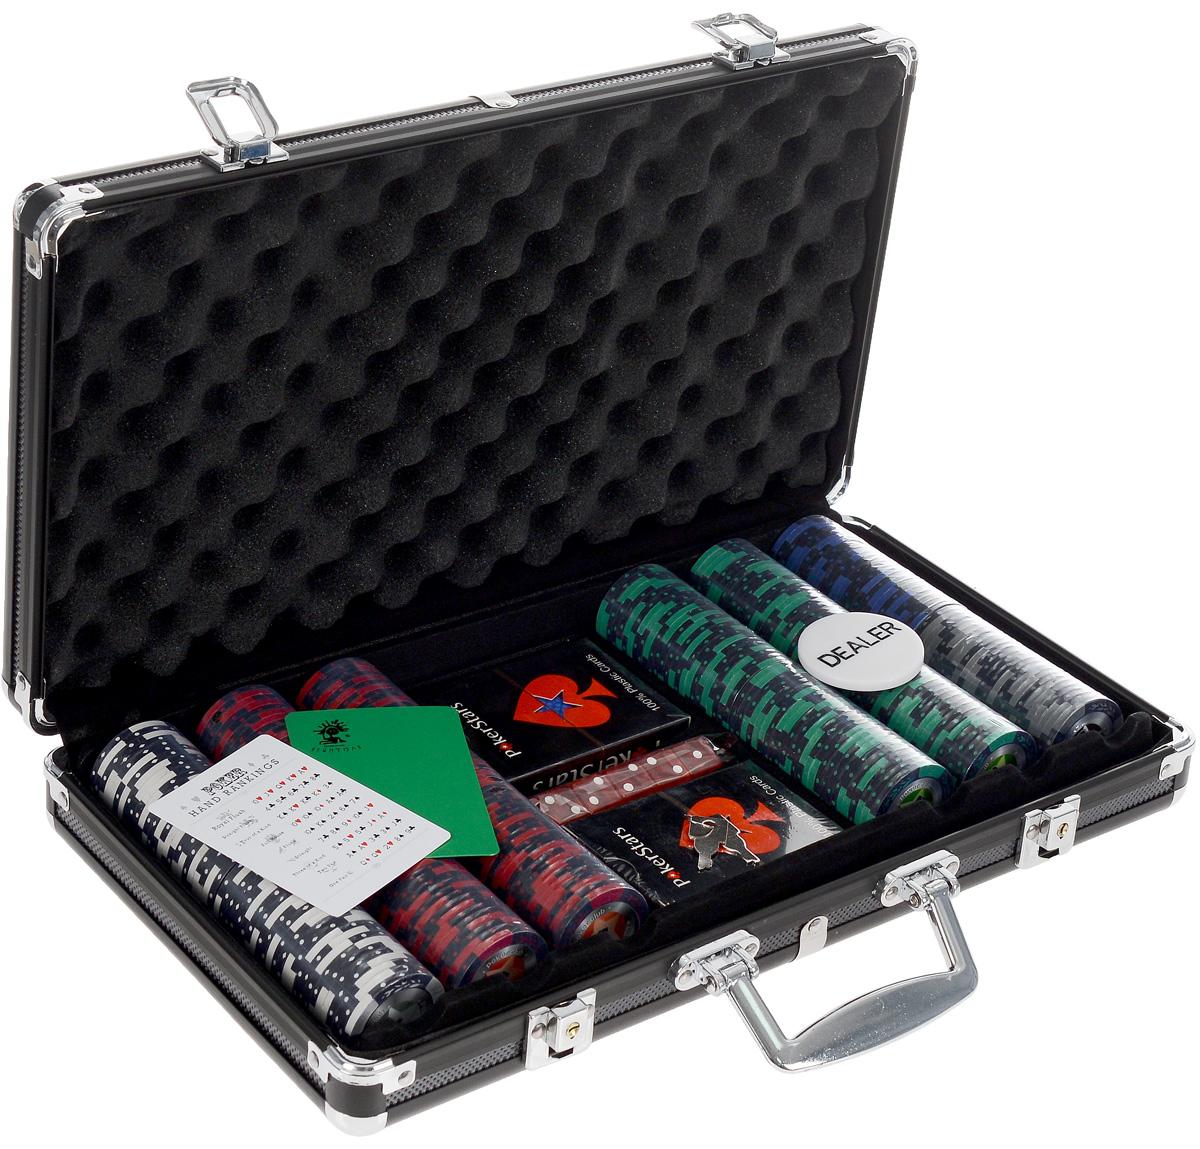 Набор для покера STARS 300. УТ-00000457УТ-00000457Набор для игры в покер - то, что нужно для отличного проведения досуга. Набор состоит из двух колод игральных карт, 300 игровых пластиковых фишек c номиналами, фишки Dealer, подрезной карты, кубиков и карточки с комбинациями. Набор фишек состоит из 50 фишек белого цвета номиналом 1, 100 фишек красного цвета номиналом 5, 100 фишек зеленого цвета номиналом 25, 25 фишек синего цвета номиналом 50, 25 фишек черно цвета номиналом 100. Предметы набора хранятся в черном металлическом кейсе, который закрывается на ключик. Для удобства переноски на кейсе имеется ручка. Такой набор станет отличным подарком для любителей покера. Покер (англ. poker) - карточная игра, цель которой - выиграть ставки, собрав как можно более высокую покерную комбинацию, используя 5 карт, или вынудив всех соперников прекратить участвовать в игре. Игра идет с полностью или частично закрытыми картами. Покер как карточная игра существует более 500 лет. Зародился он в Европе: в Испании,...